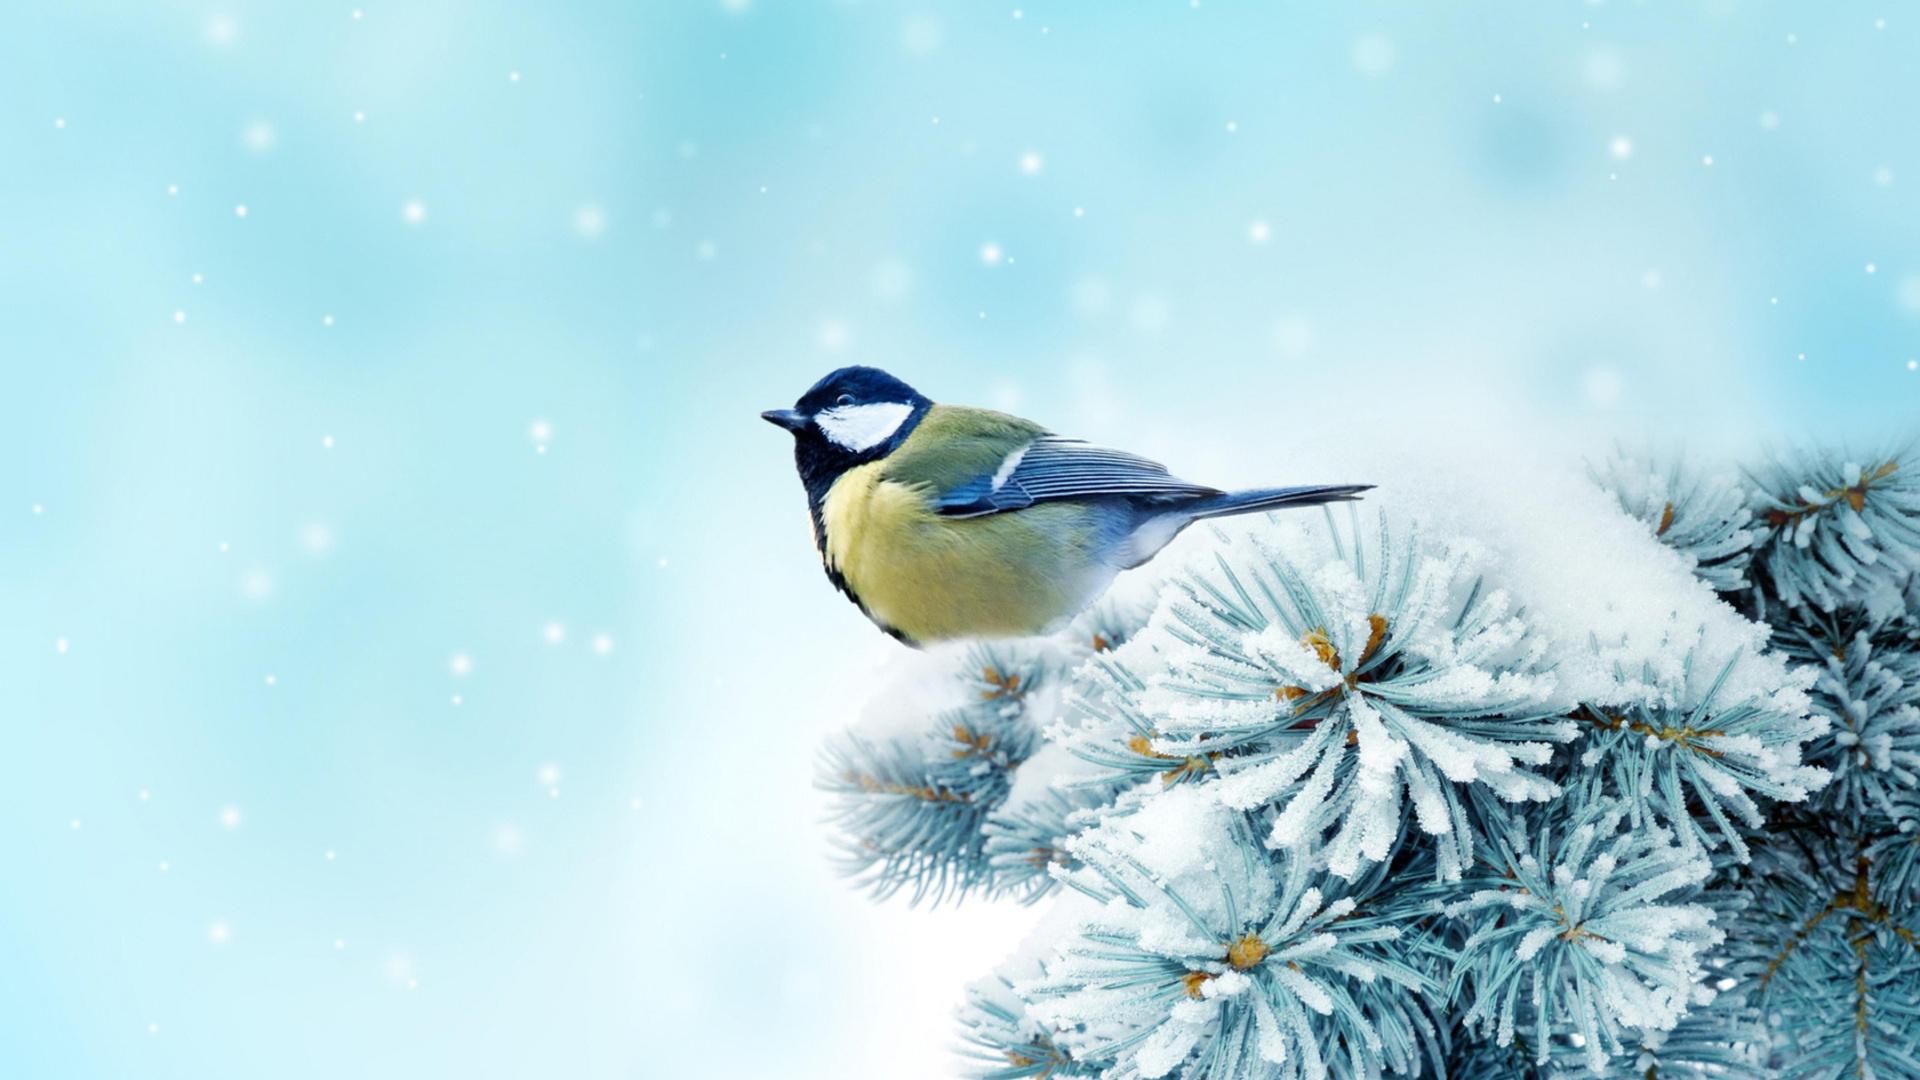 Красивые картинки зимы на рабочий стол в хорошем качестве (2)